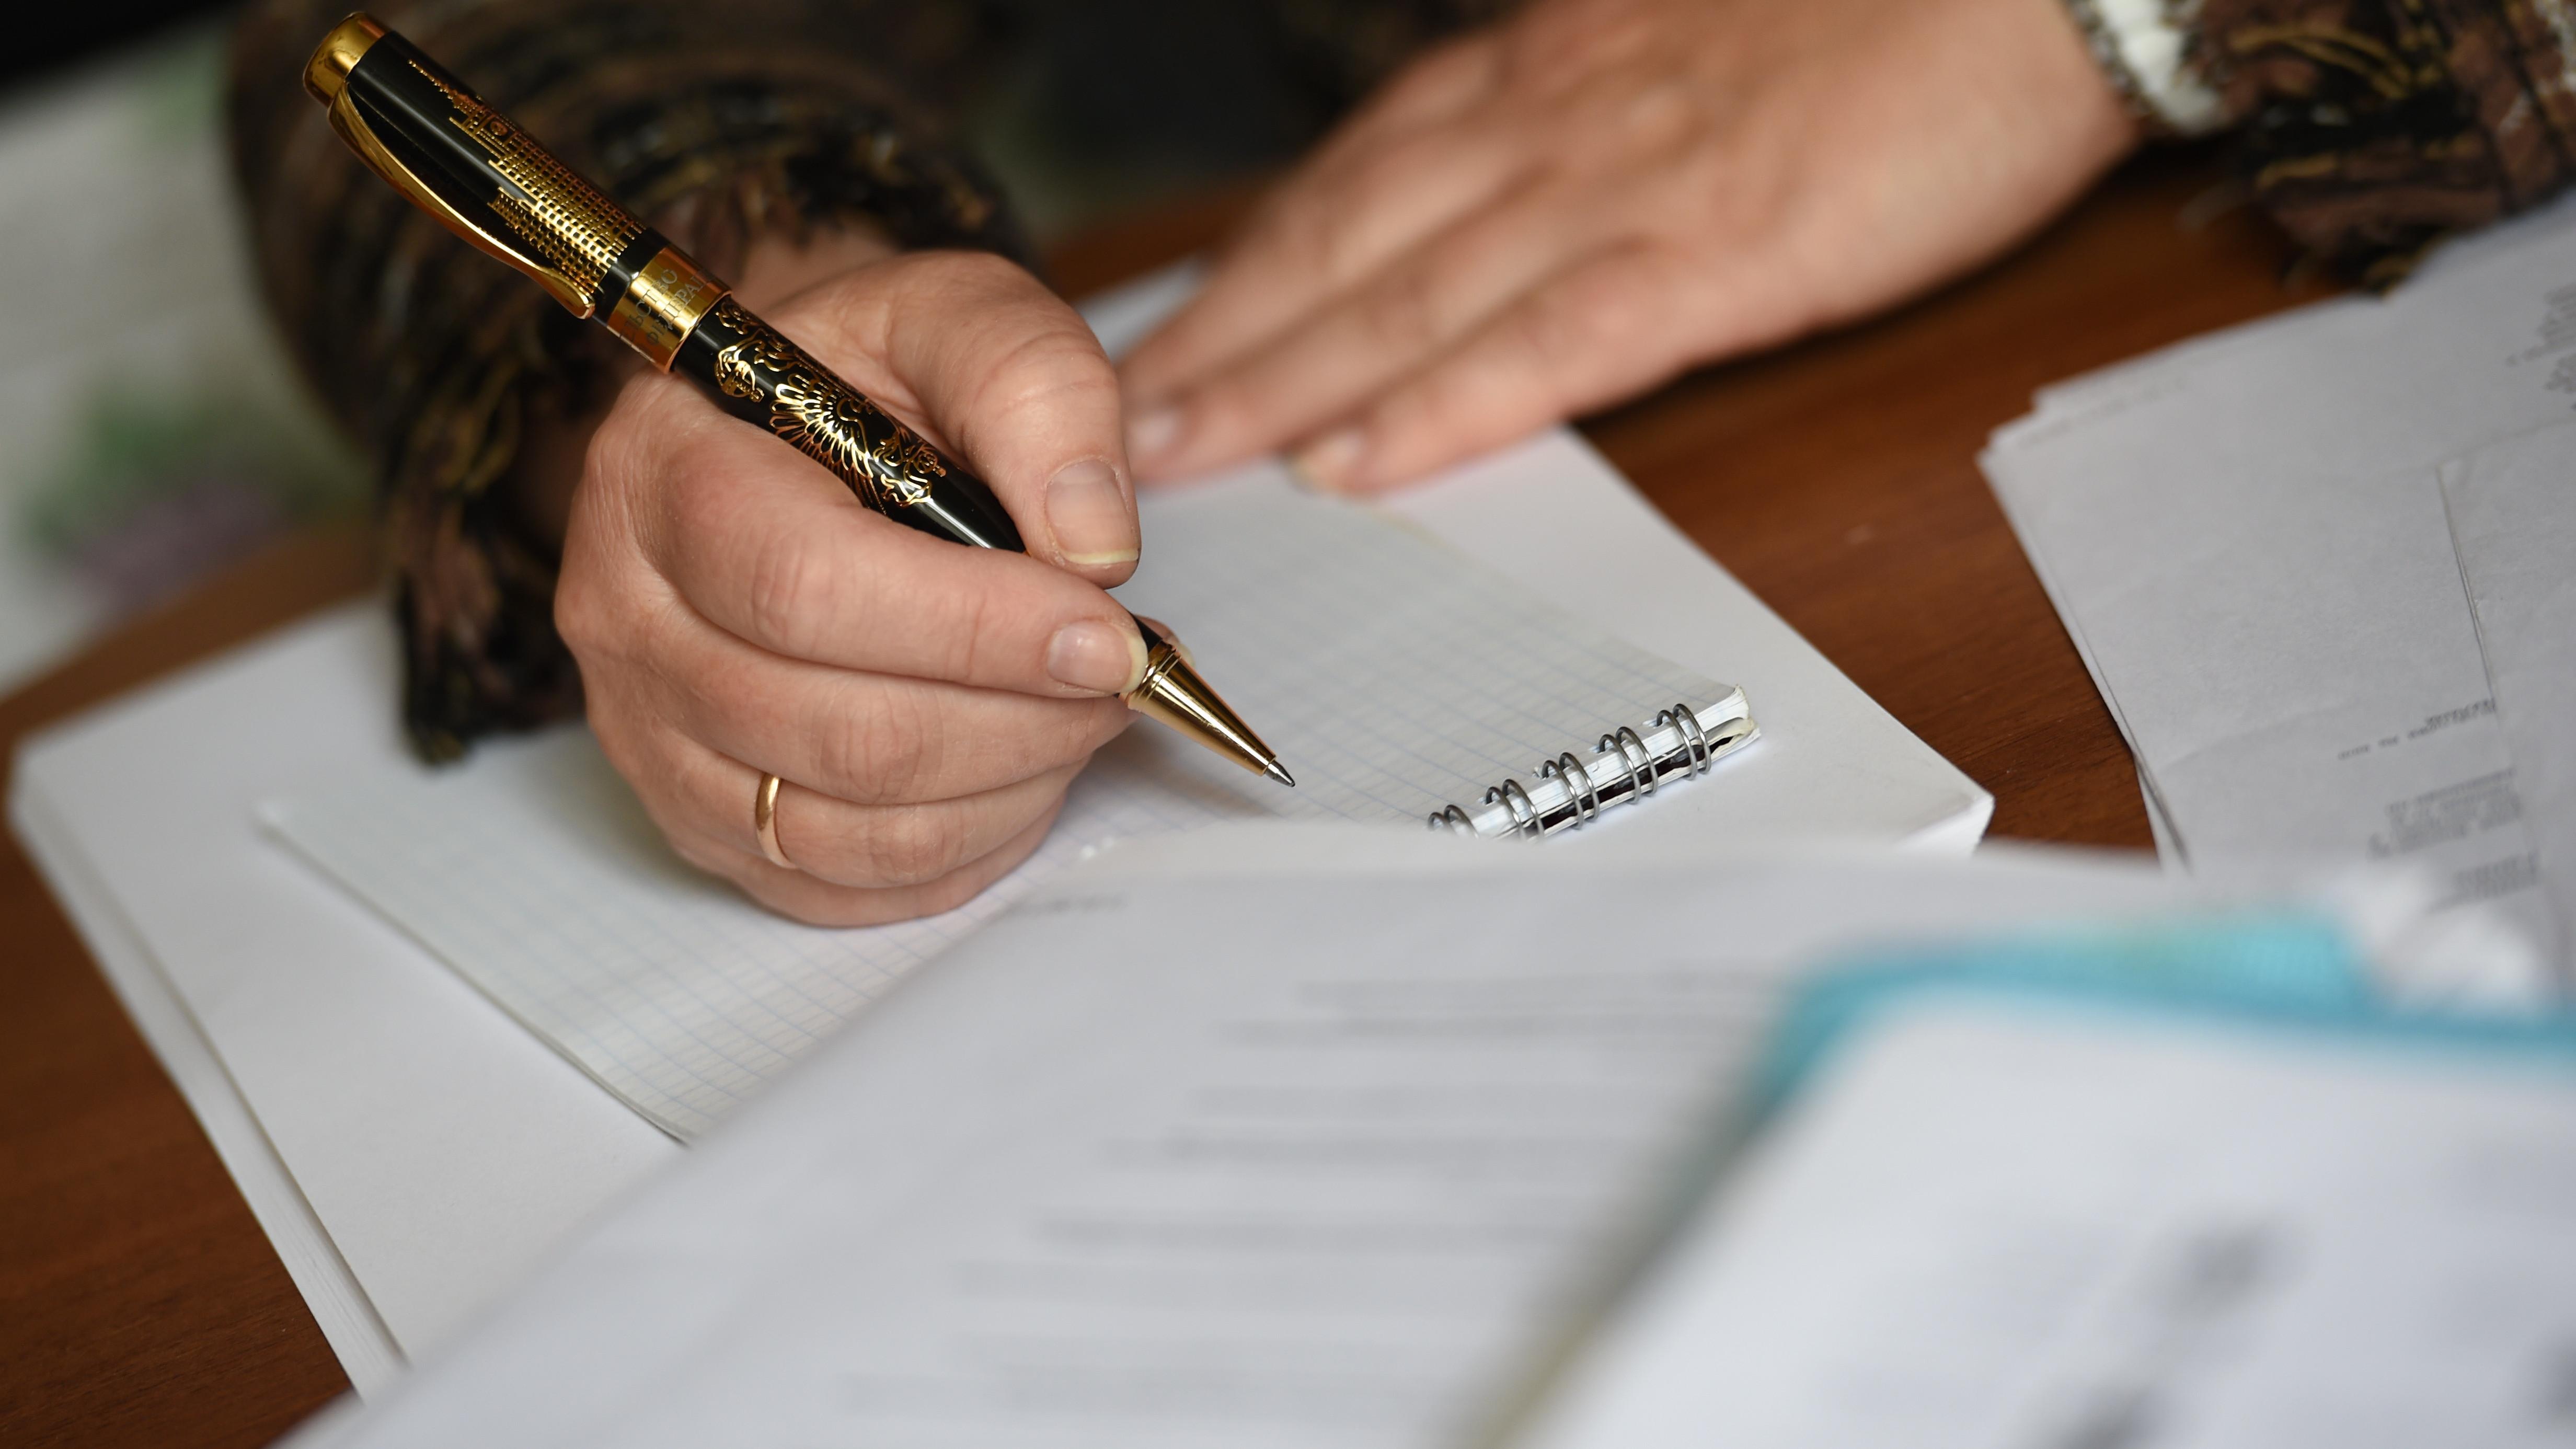 УФАС Подмосковья внесет ООО «Региональный центр услуг» в реестр недобросовестных поставщиков